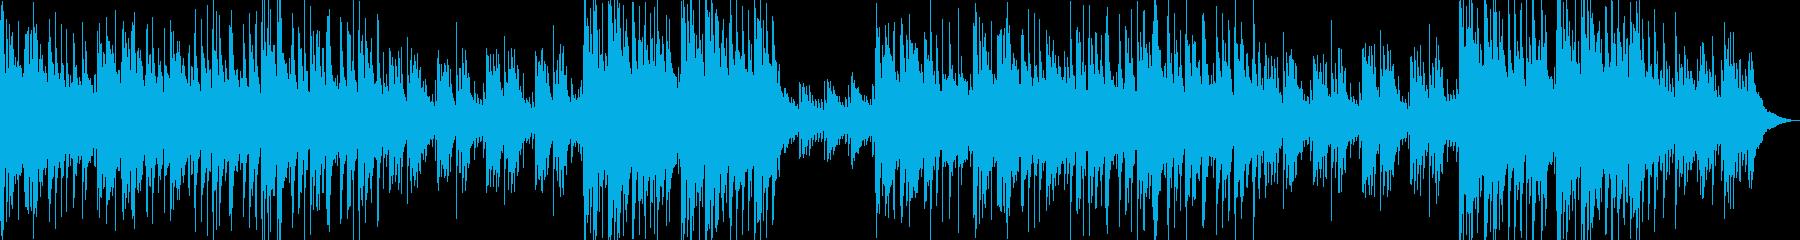 琴、ピアノで優しく上品な和風BGM の再生済みの波形